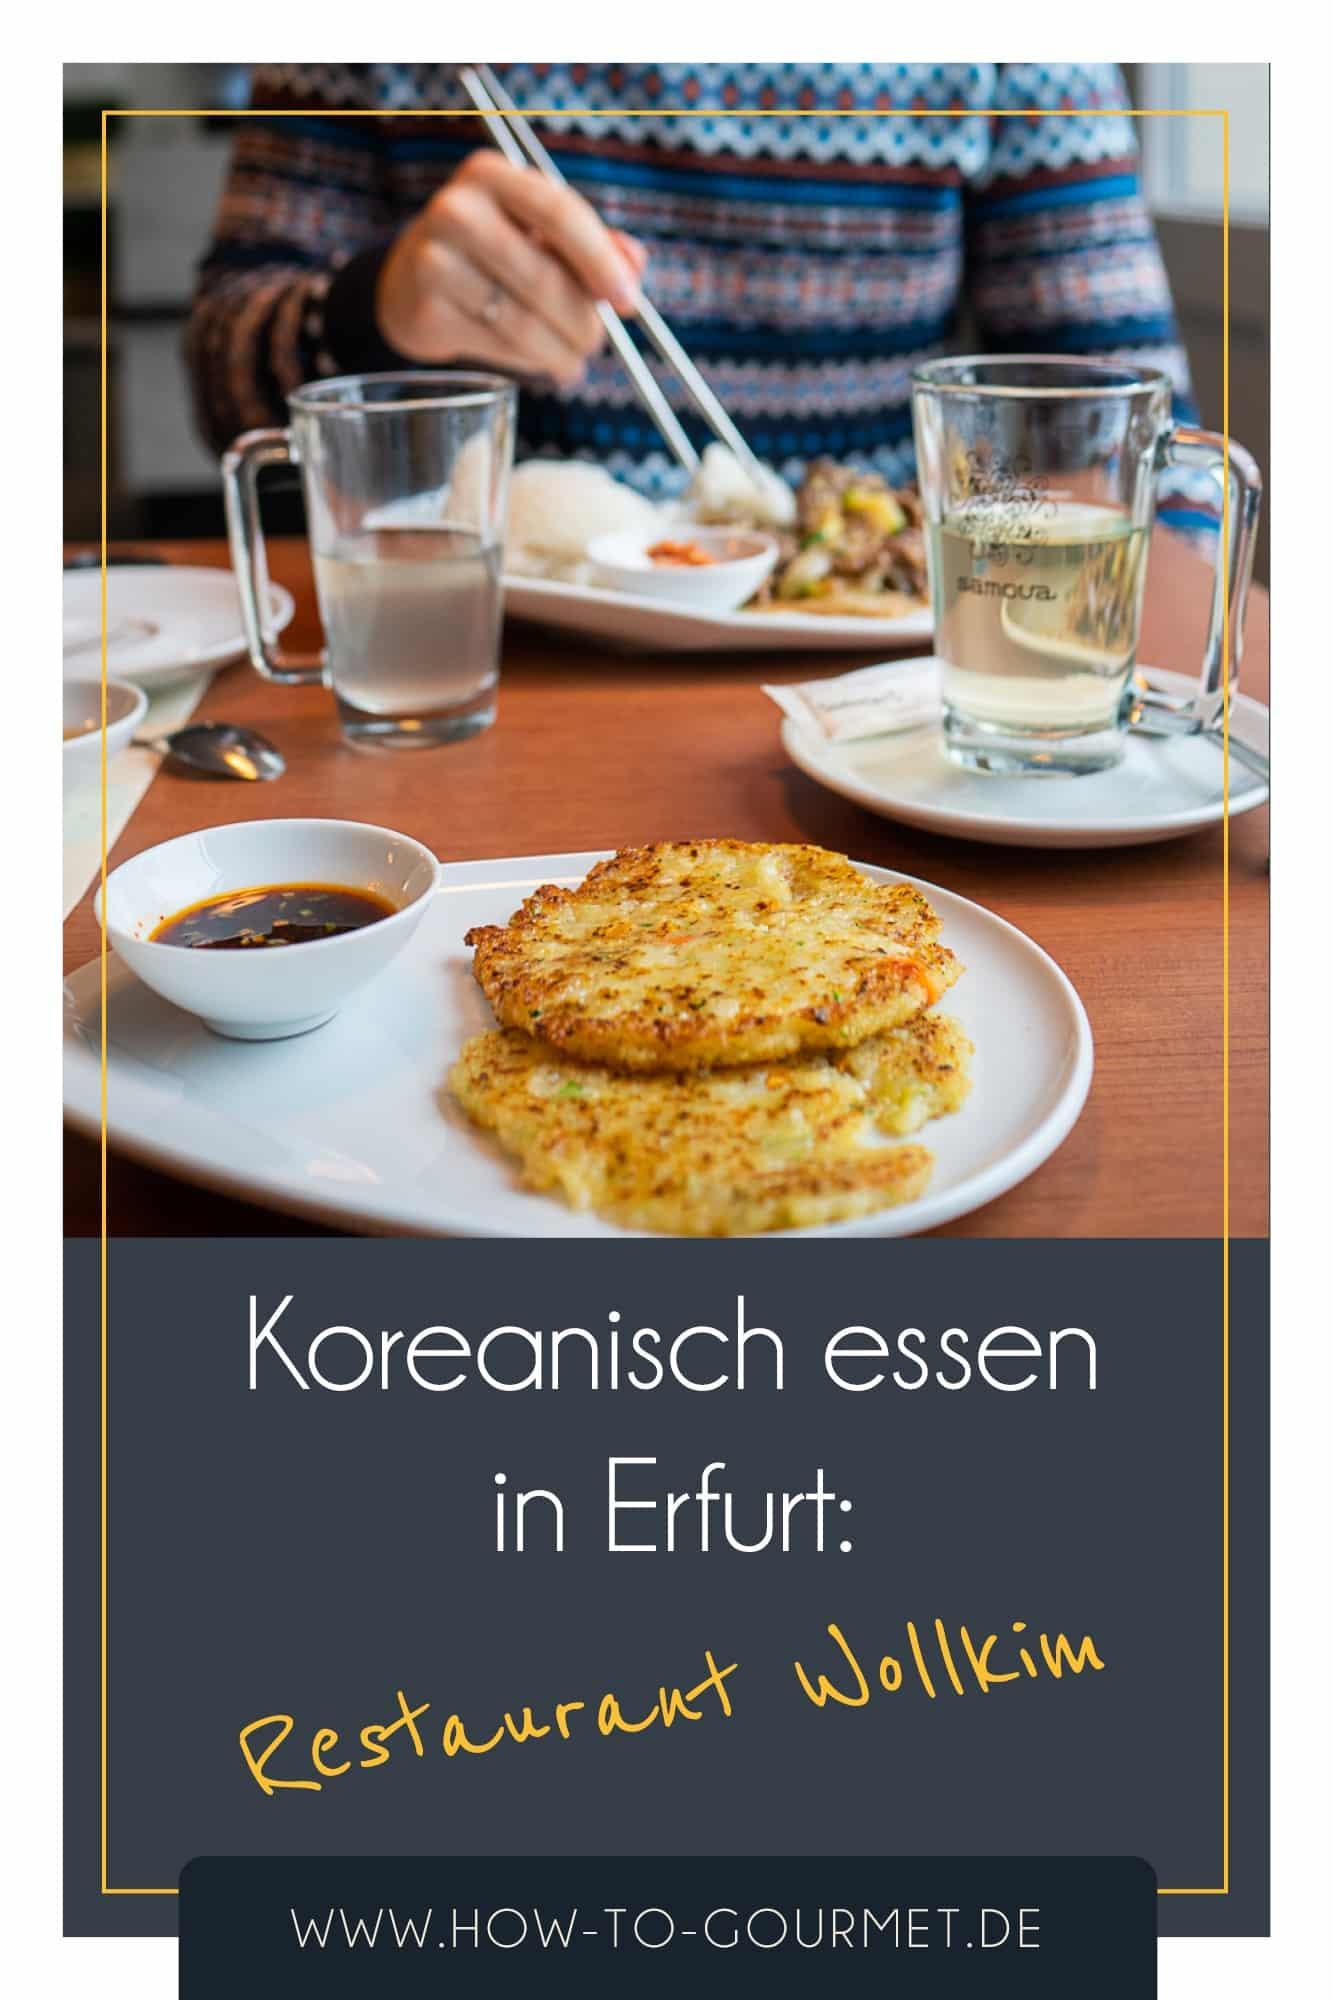 Koreaner Domplatz Erfurt